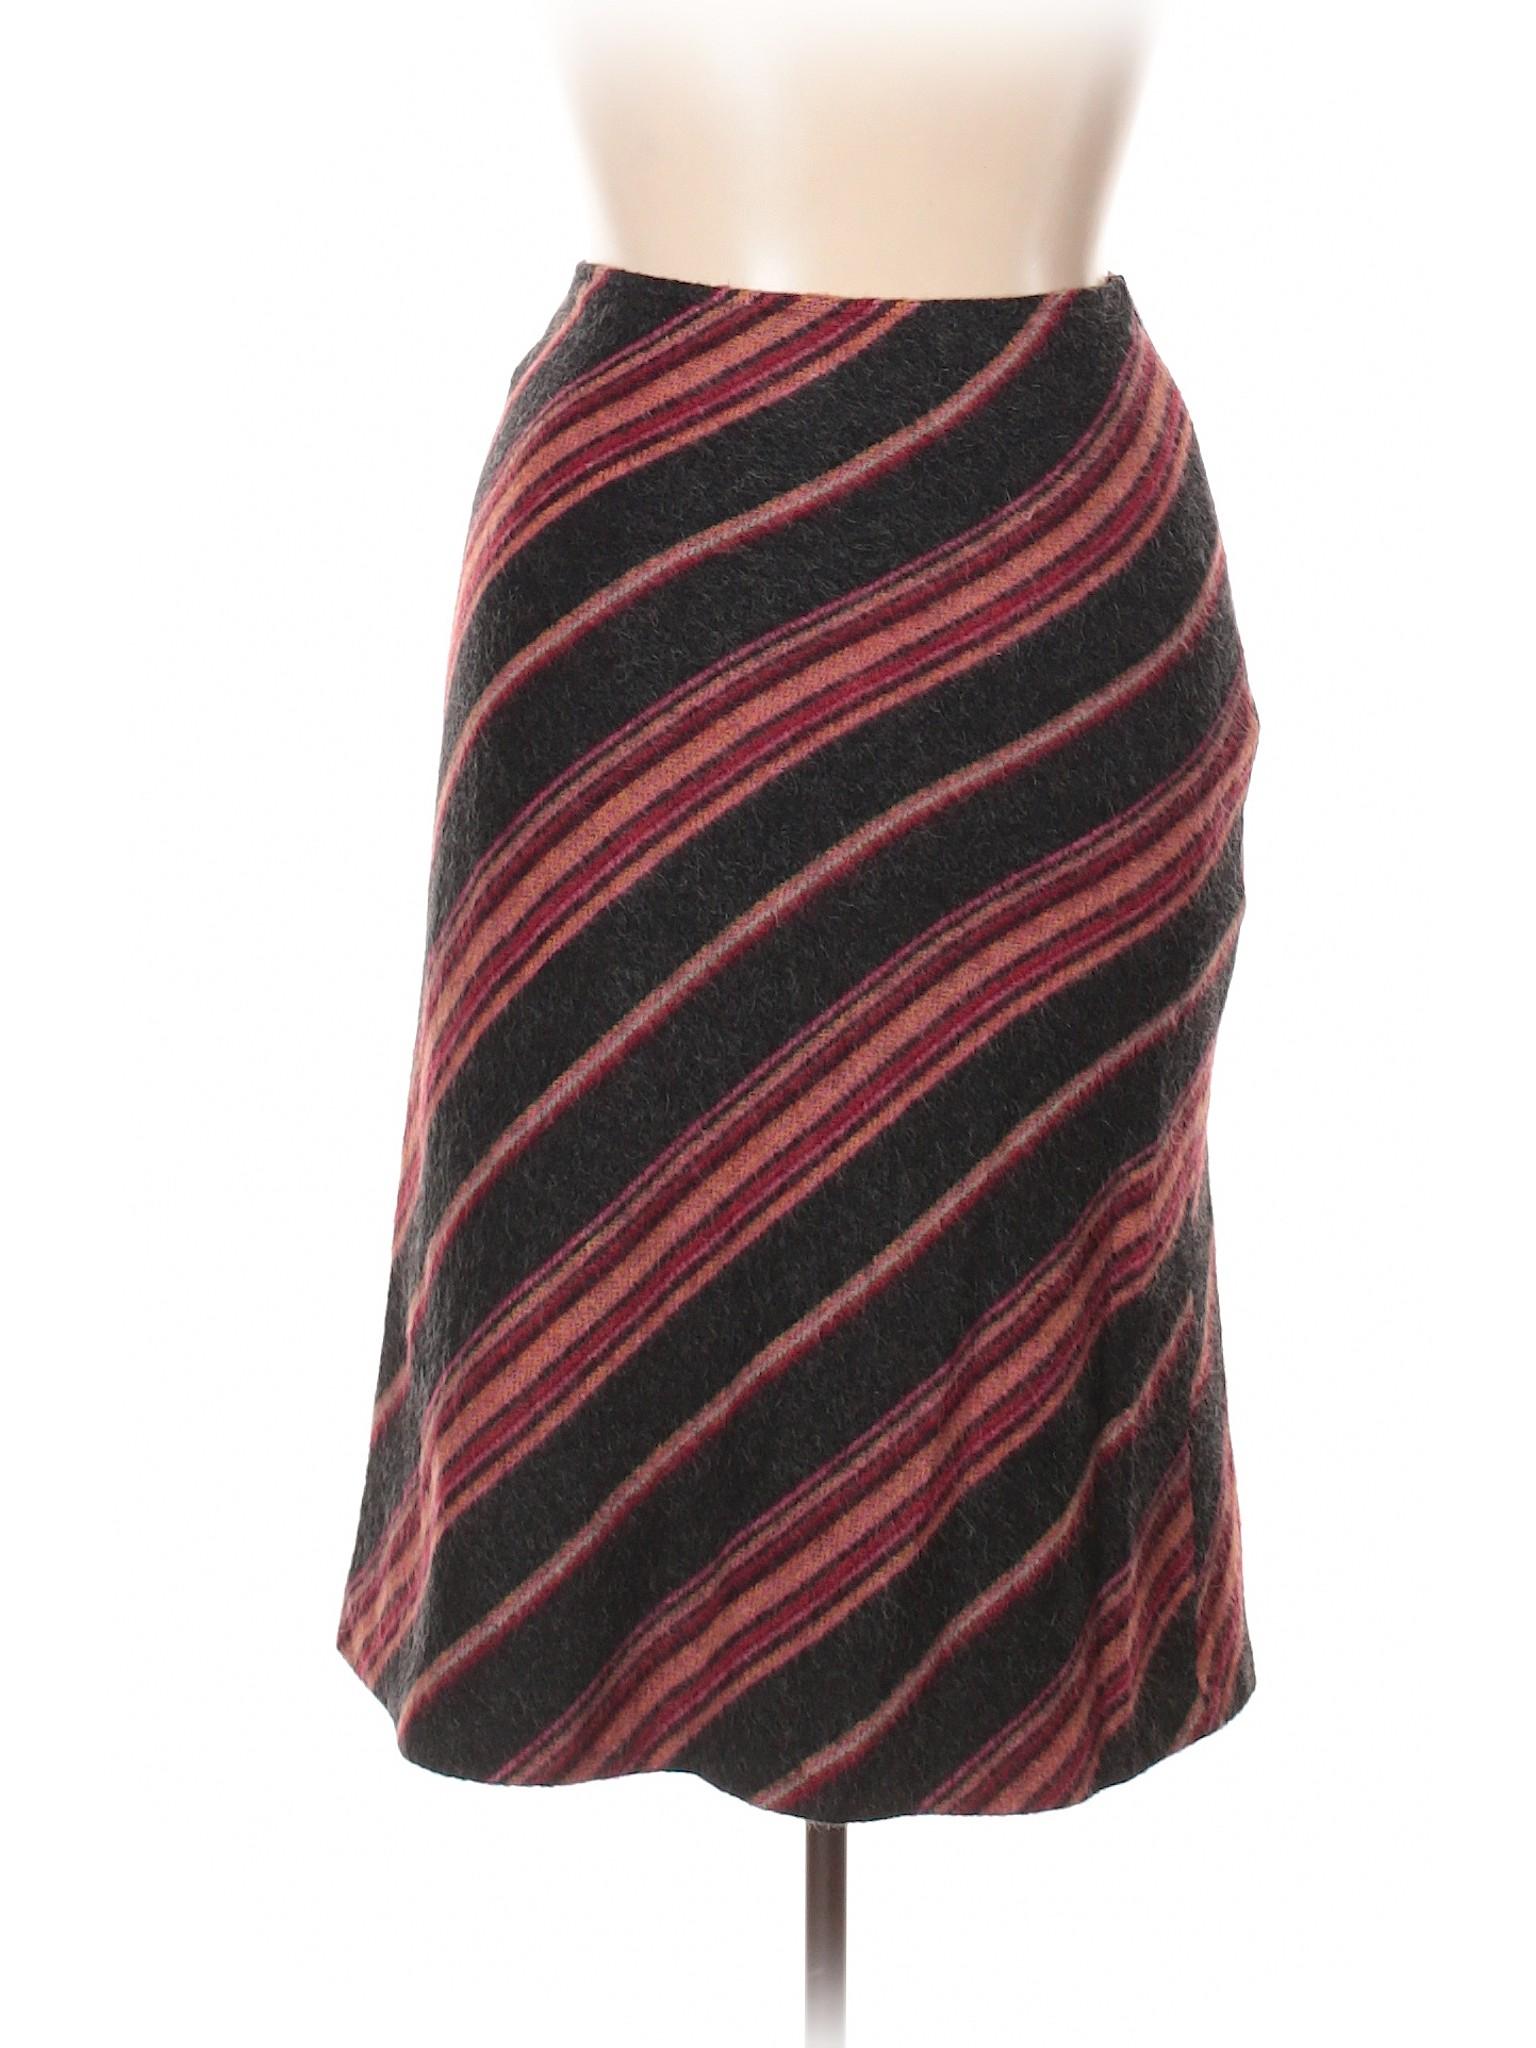 Boutique Skirt Casual Boutique Skirt Skirt Boutique Skirt Boutique Casual Casual Casual Casual Boutique wAfZqS7